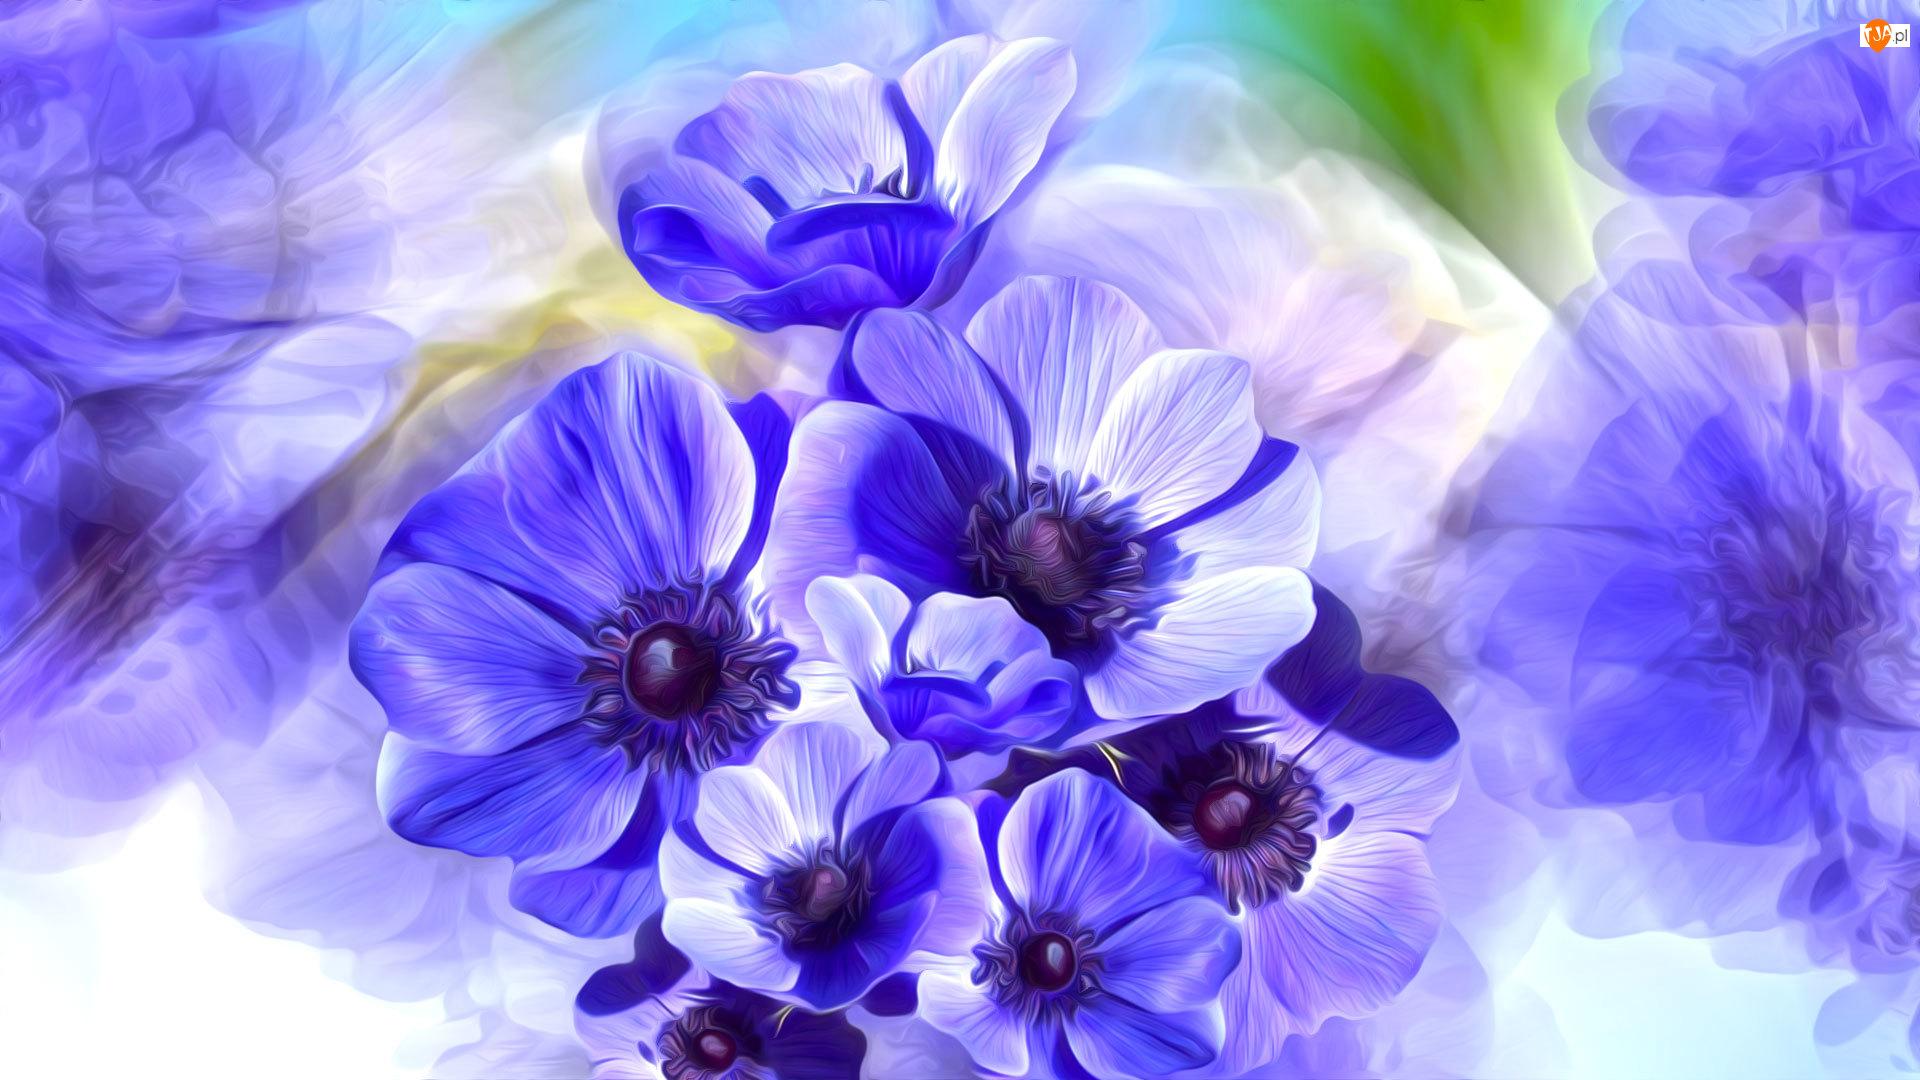 Grafika, Kwiaty, Niebieskie, Zawilce